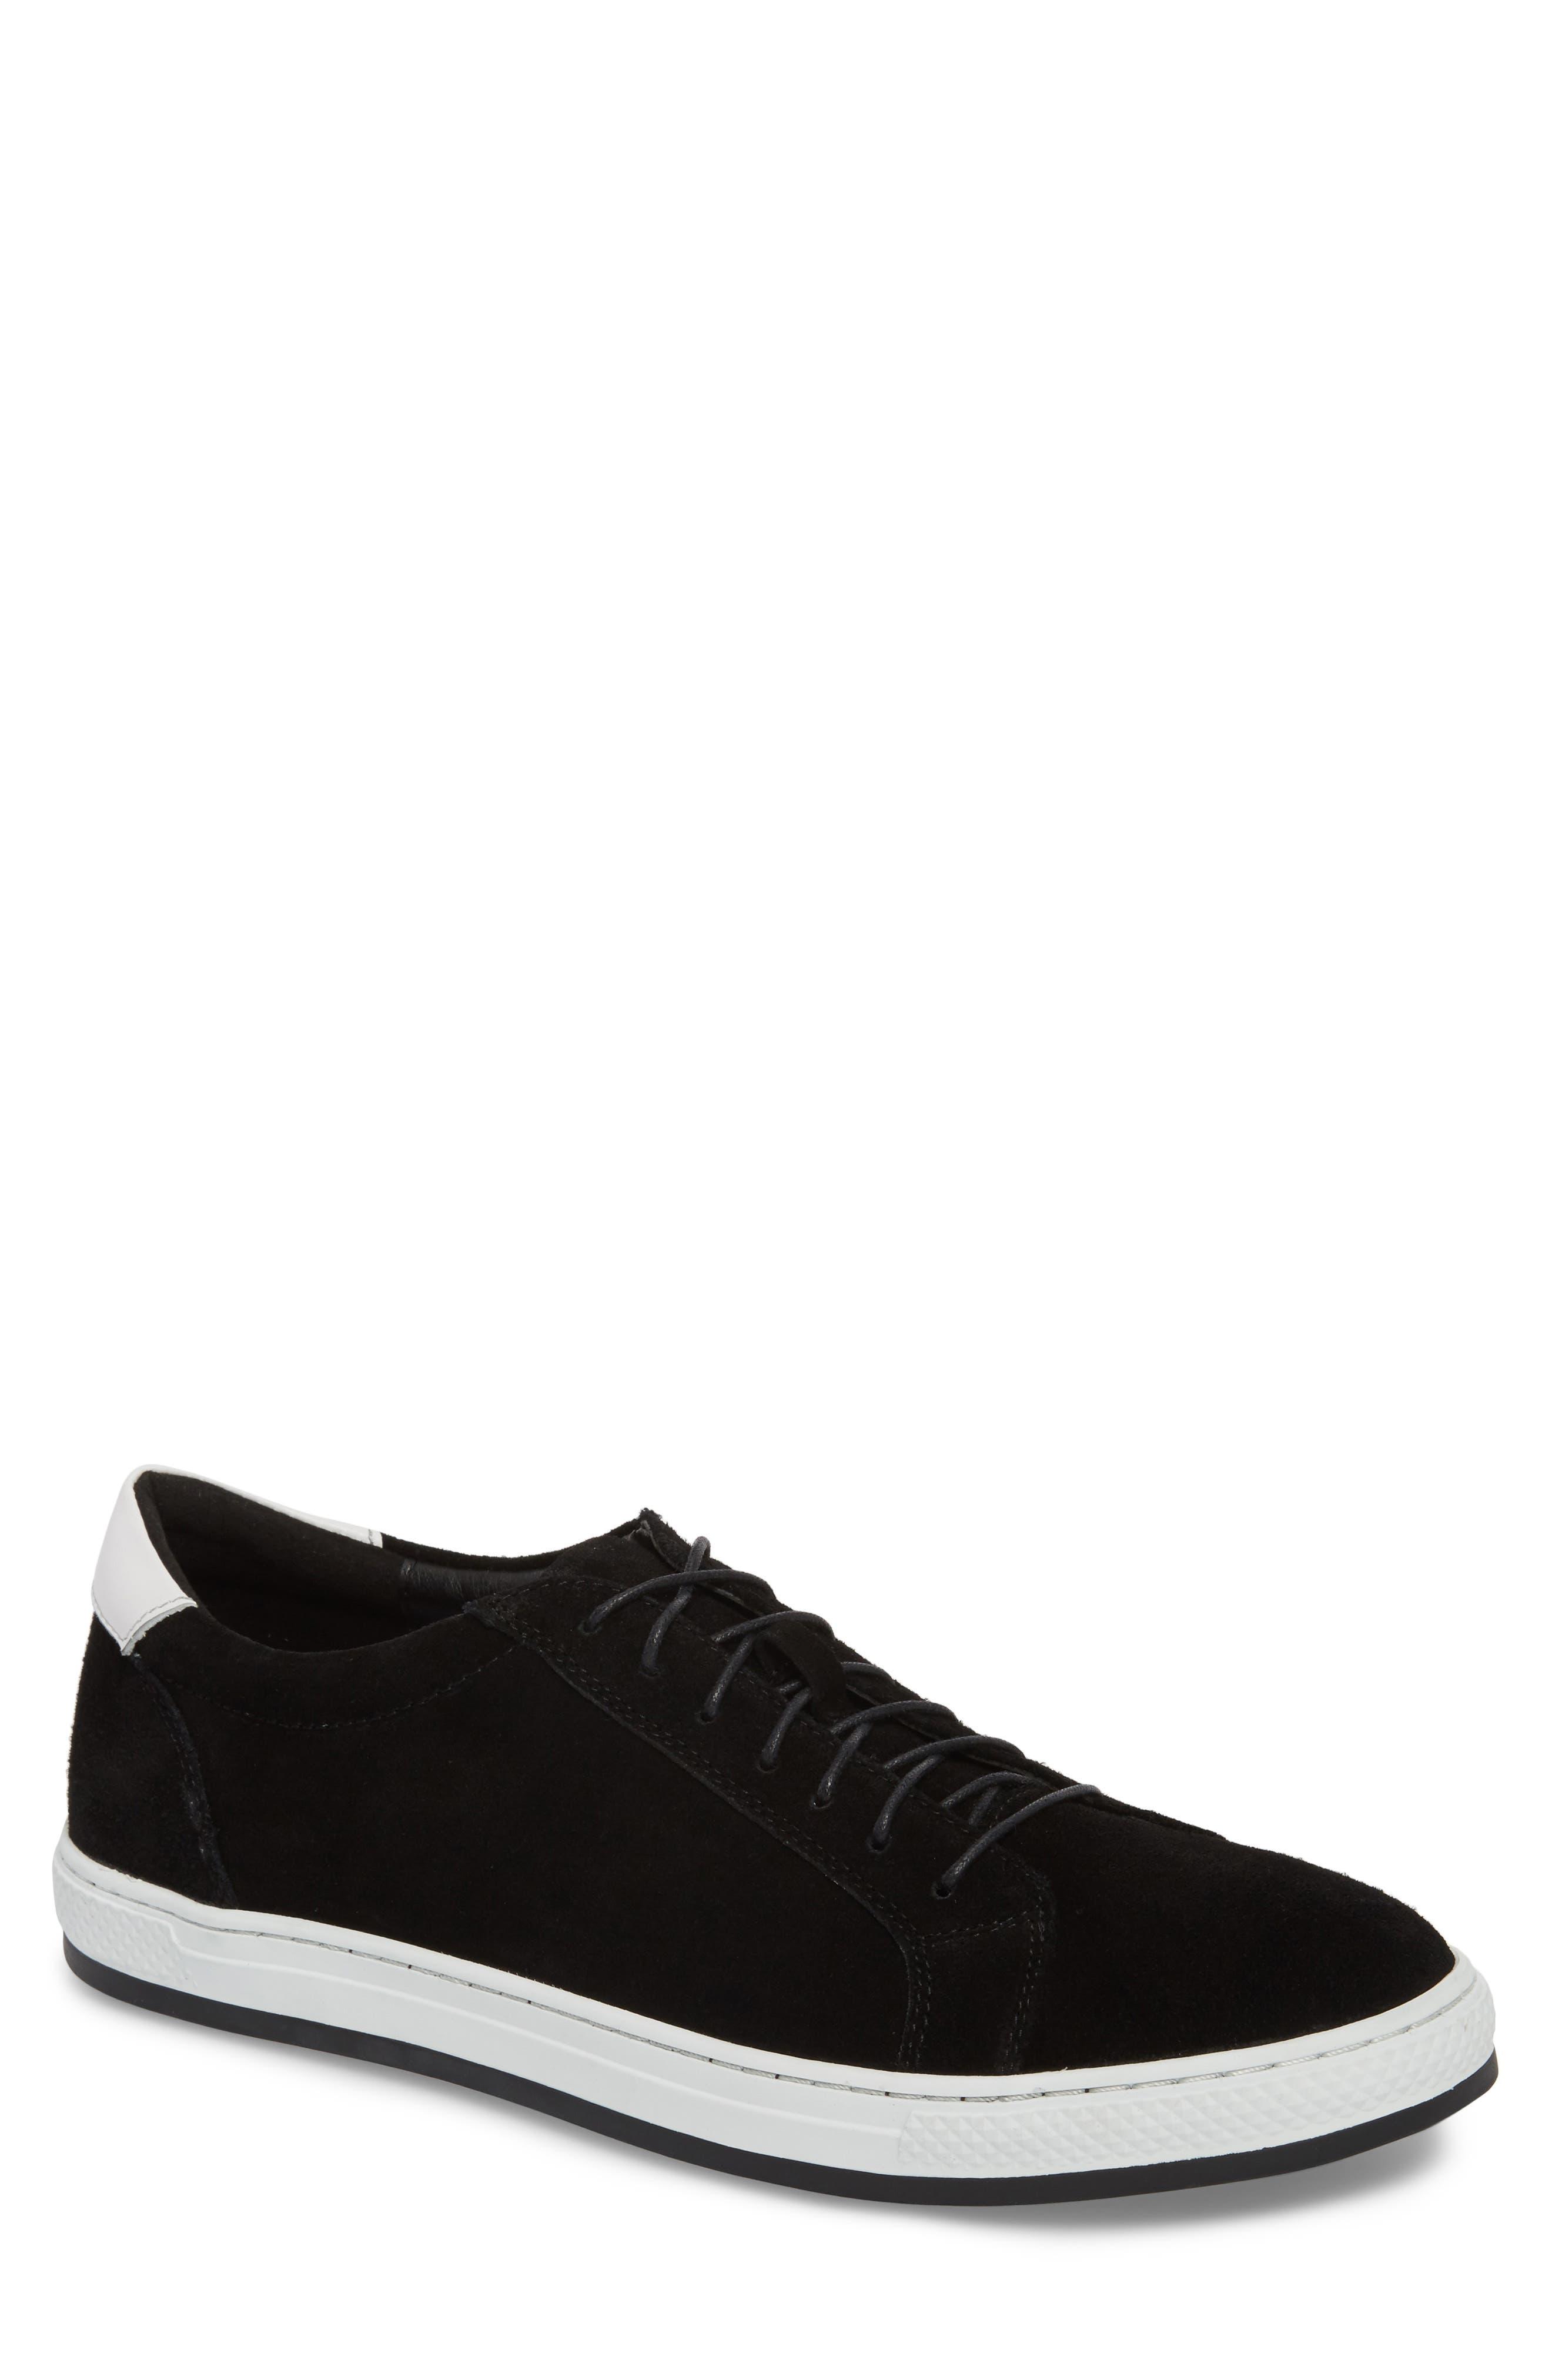 Queens Sneaker,                         Main,                         color, 001